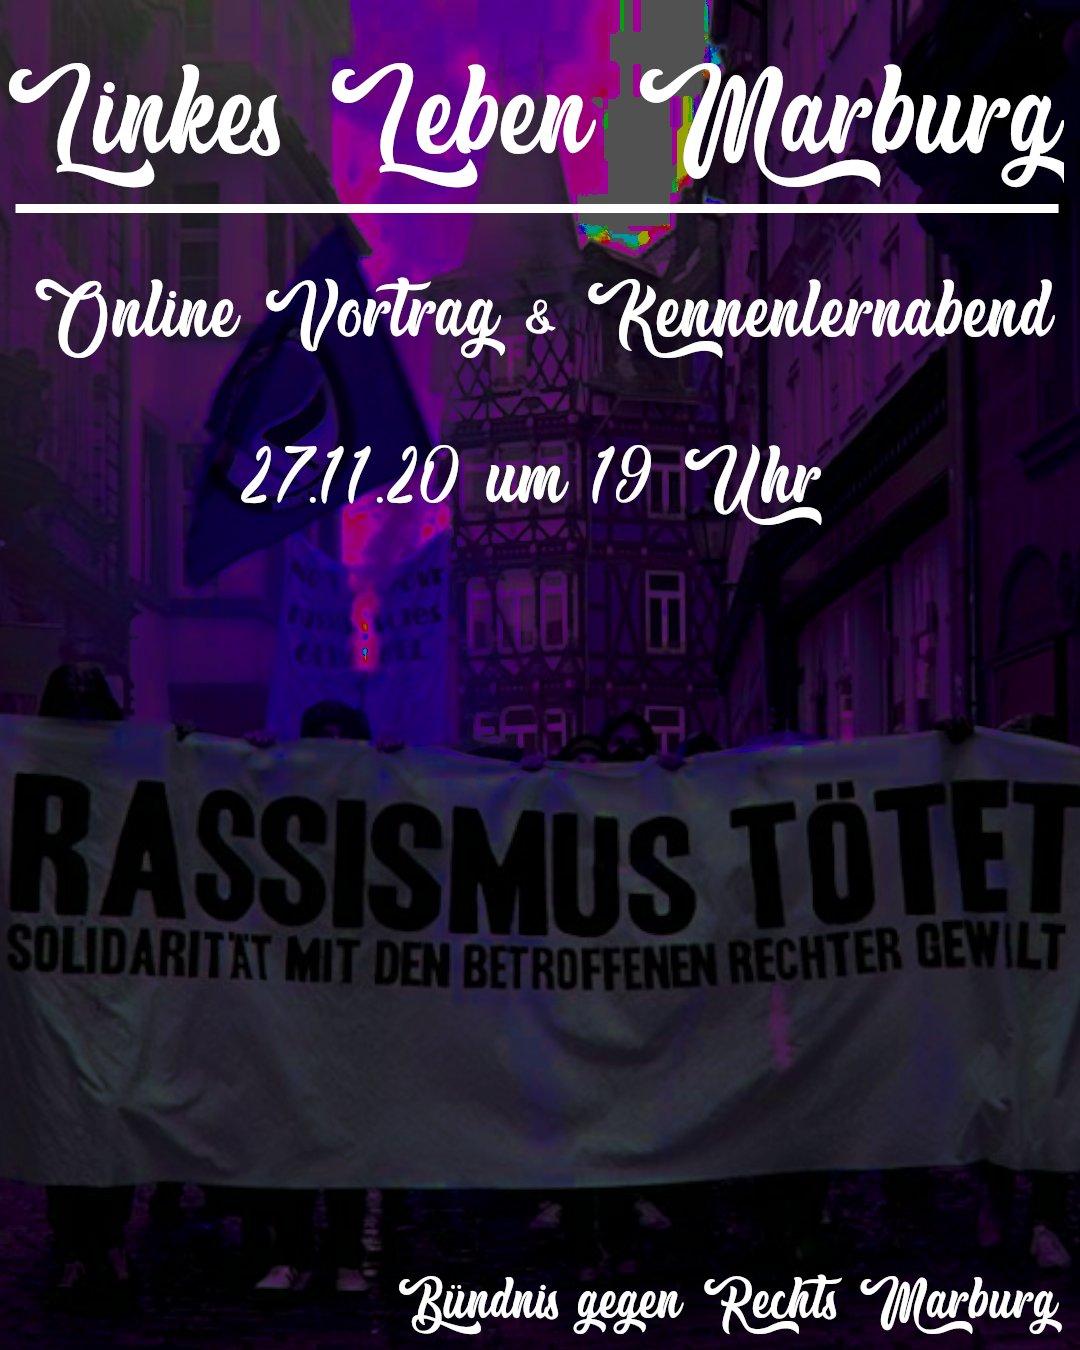 Linkes Leben Marburg – (digitaler) Vortrag & Kennenlernabend